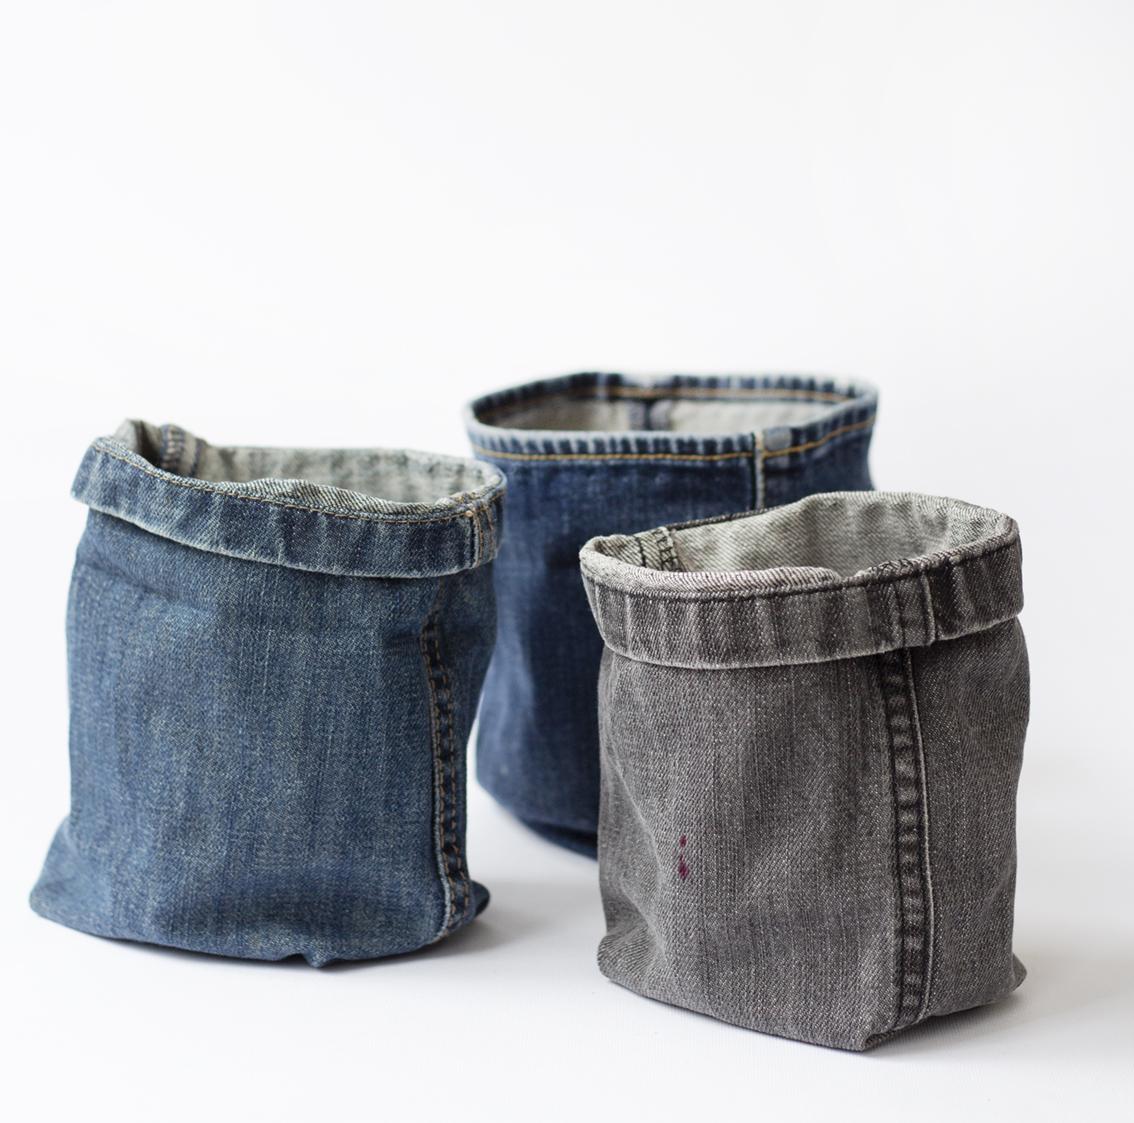 Jeanskorgar | Pysselbolaget